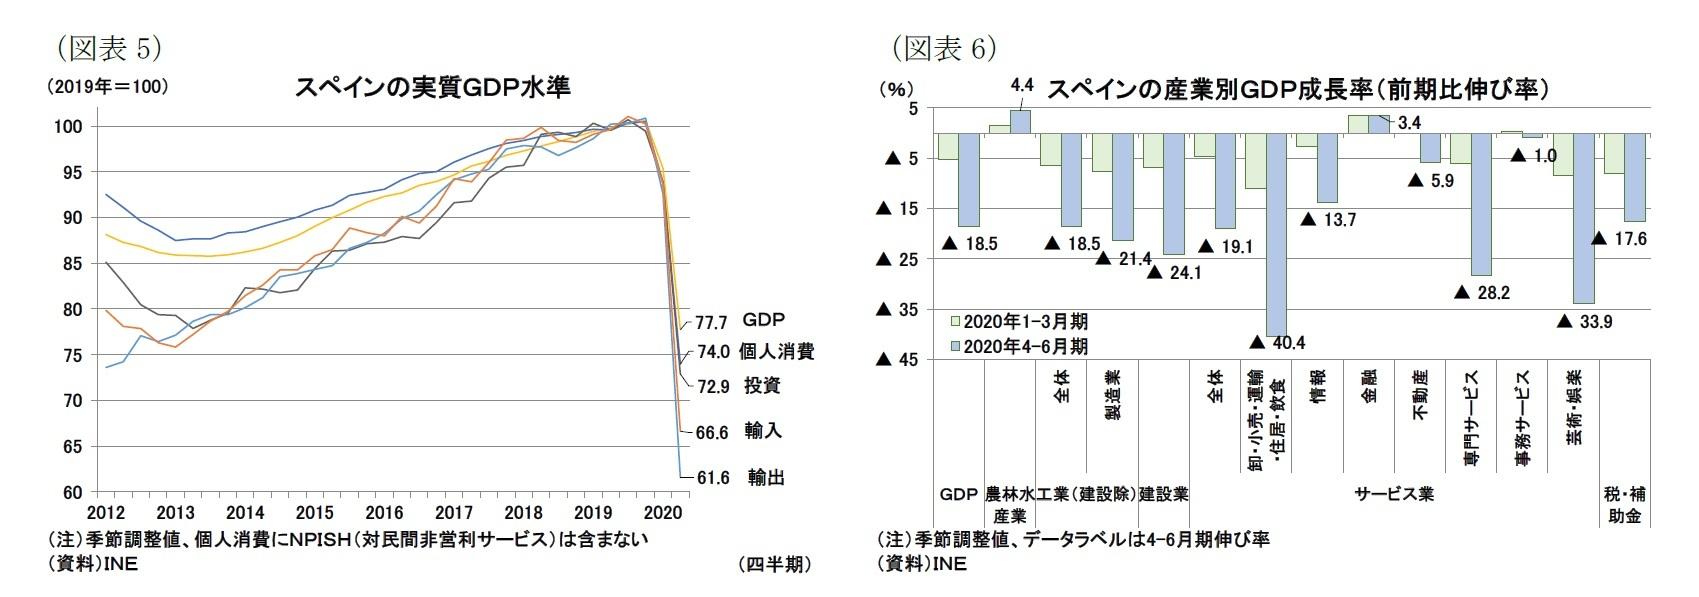 (図表5)スペインの実質GDP水準/(図表6)スペインの産業別GDP成長率(前期比伸び率)